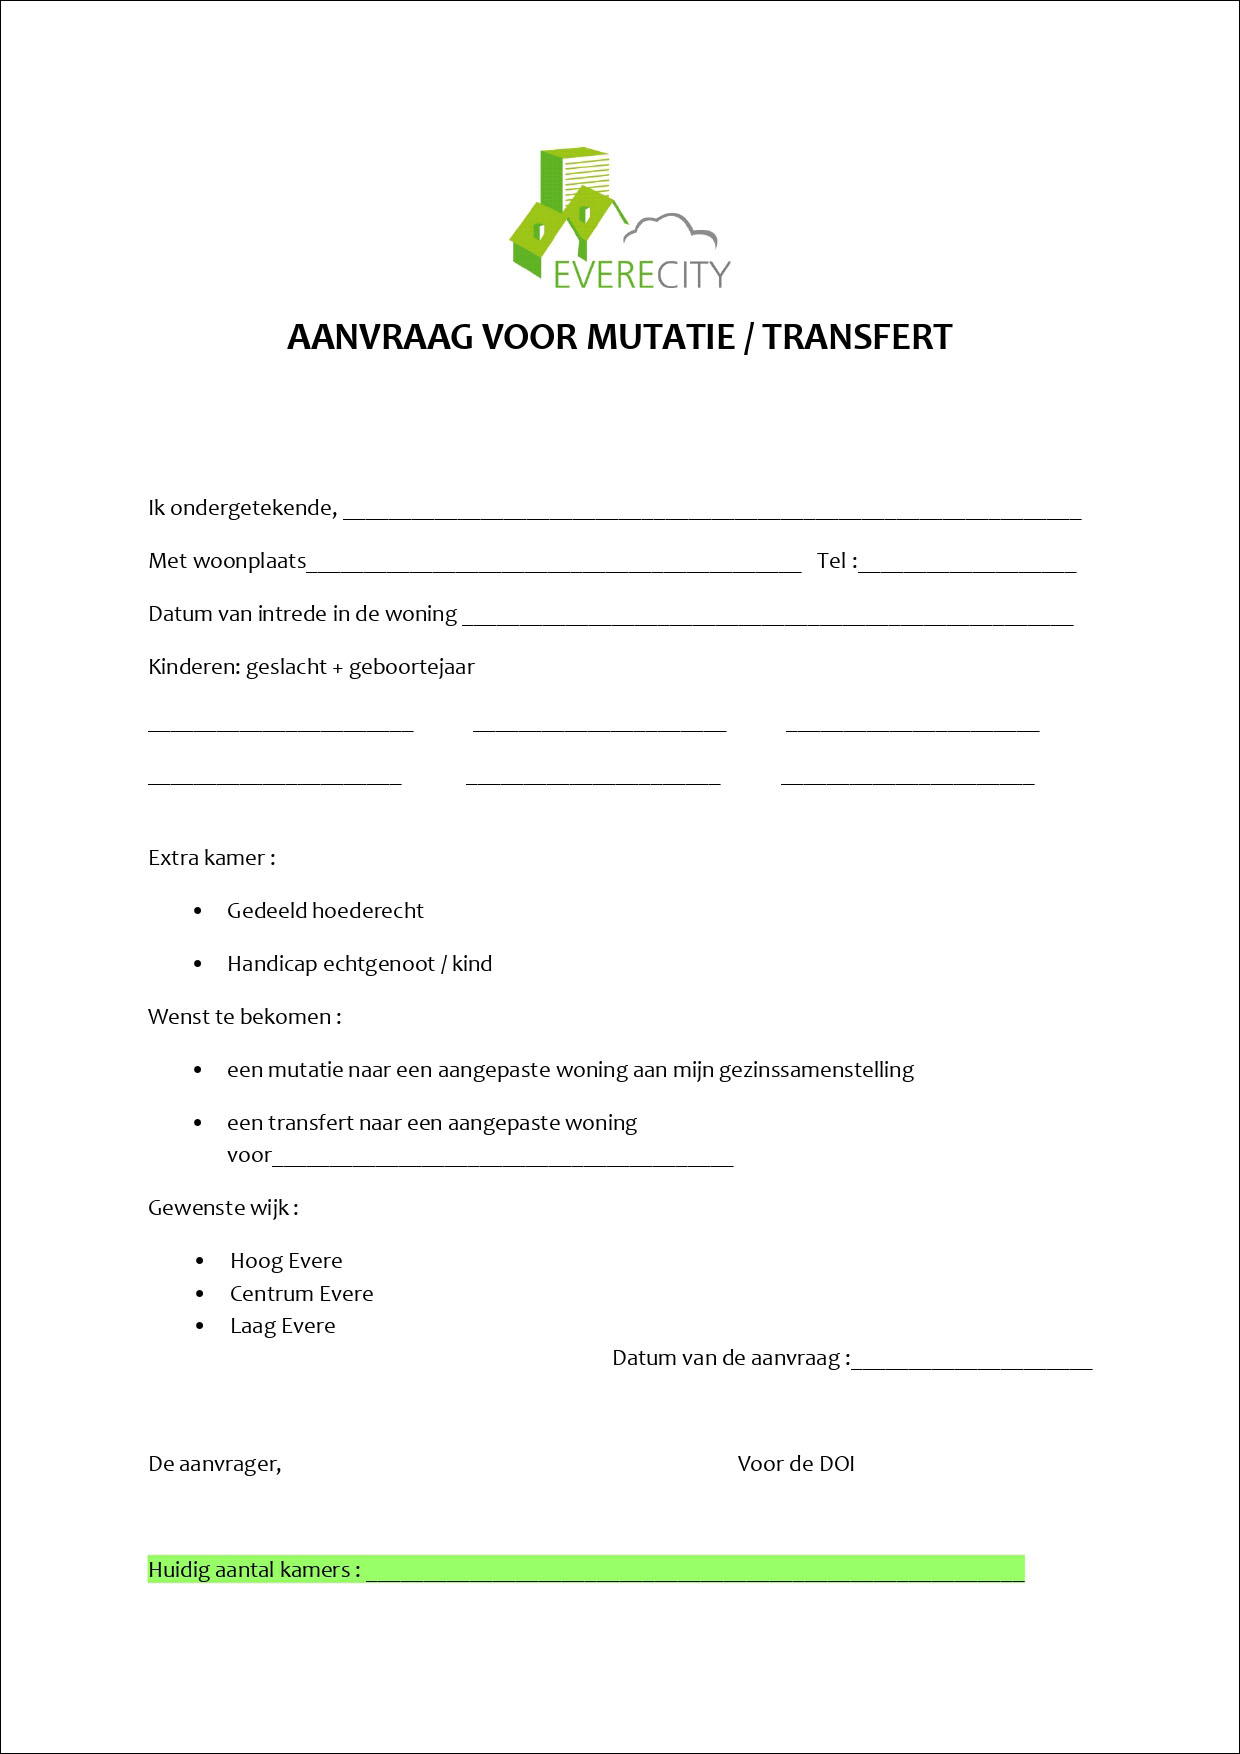 Aanvraag voor mutatie/transfert